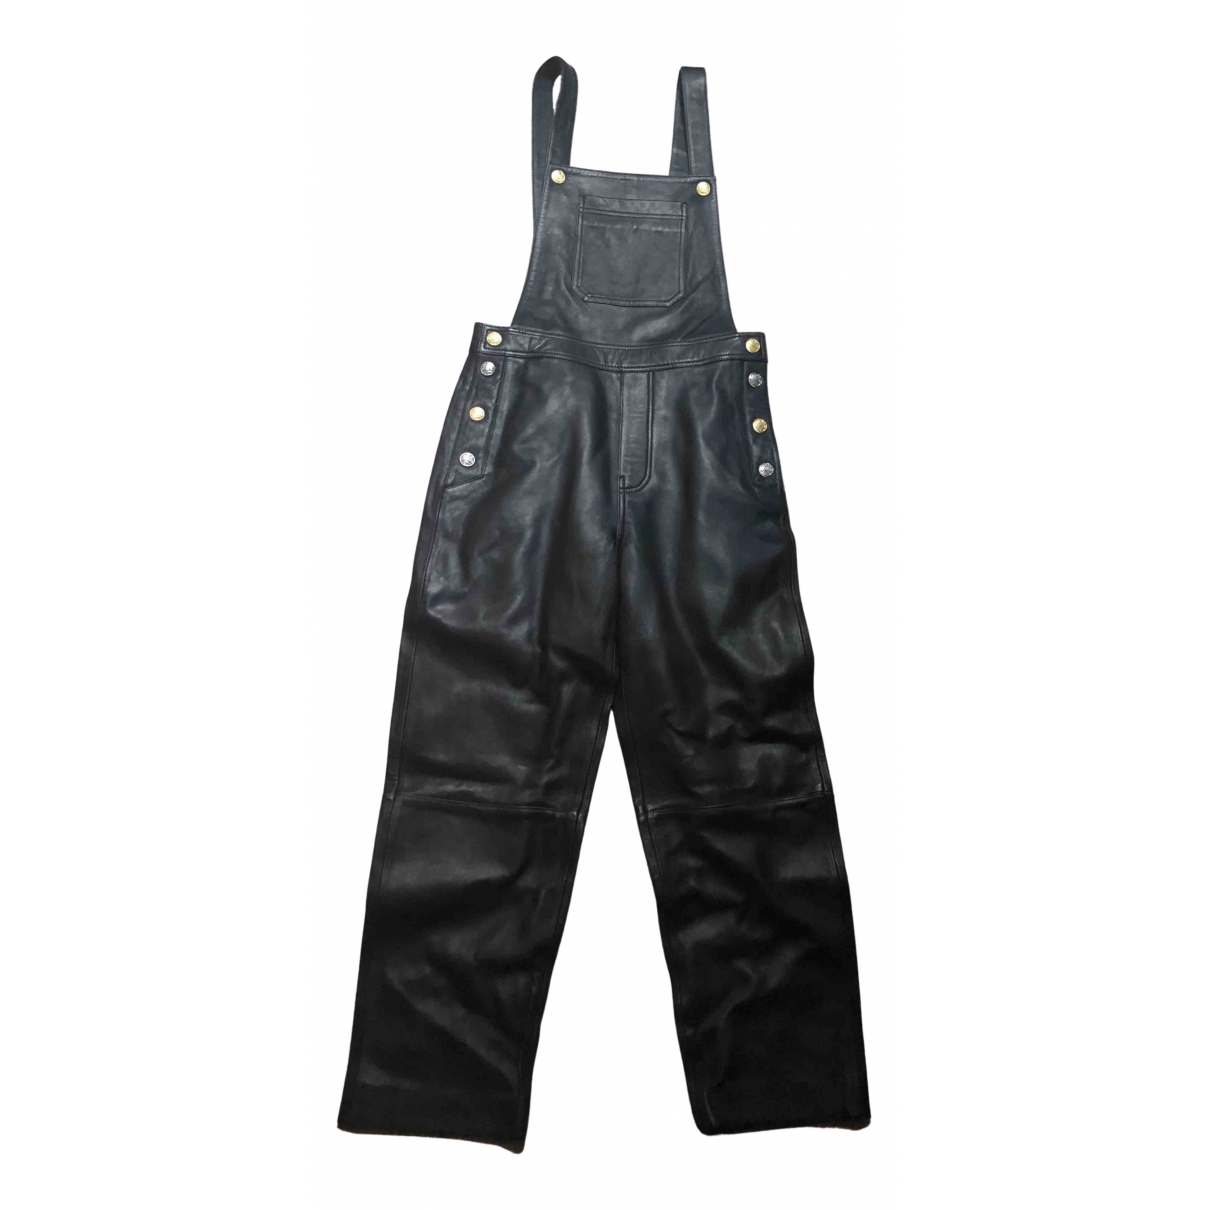 Claudie Pierlot \N Black Leather jumpsuit for Women 36 FR